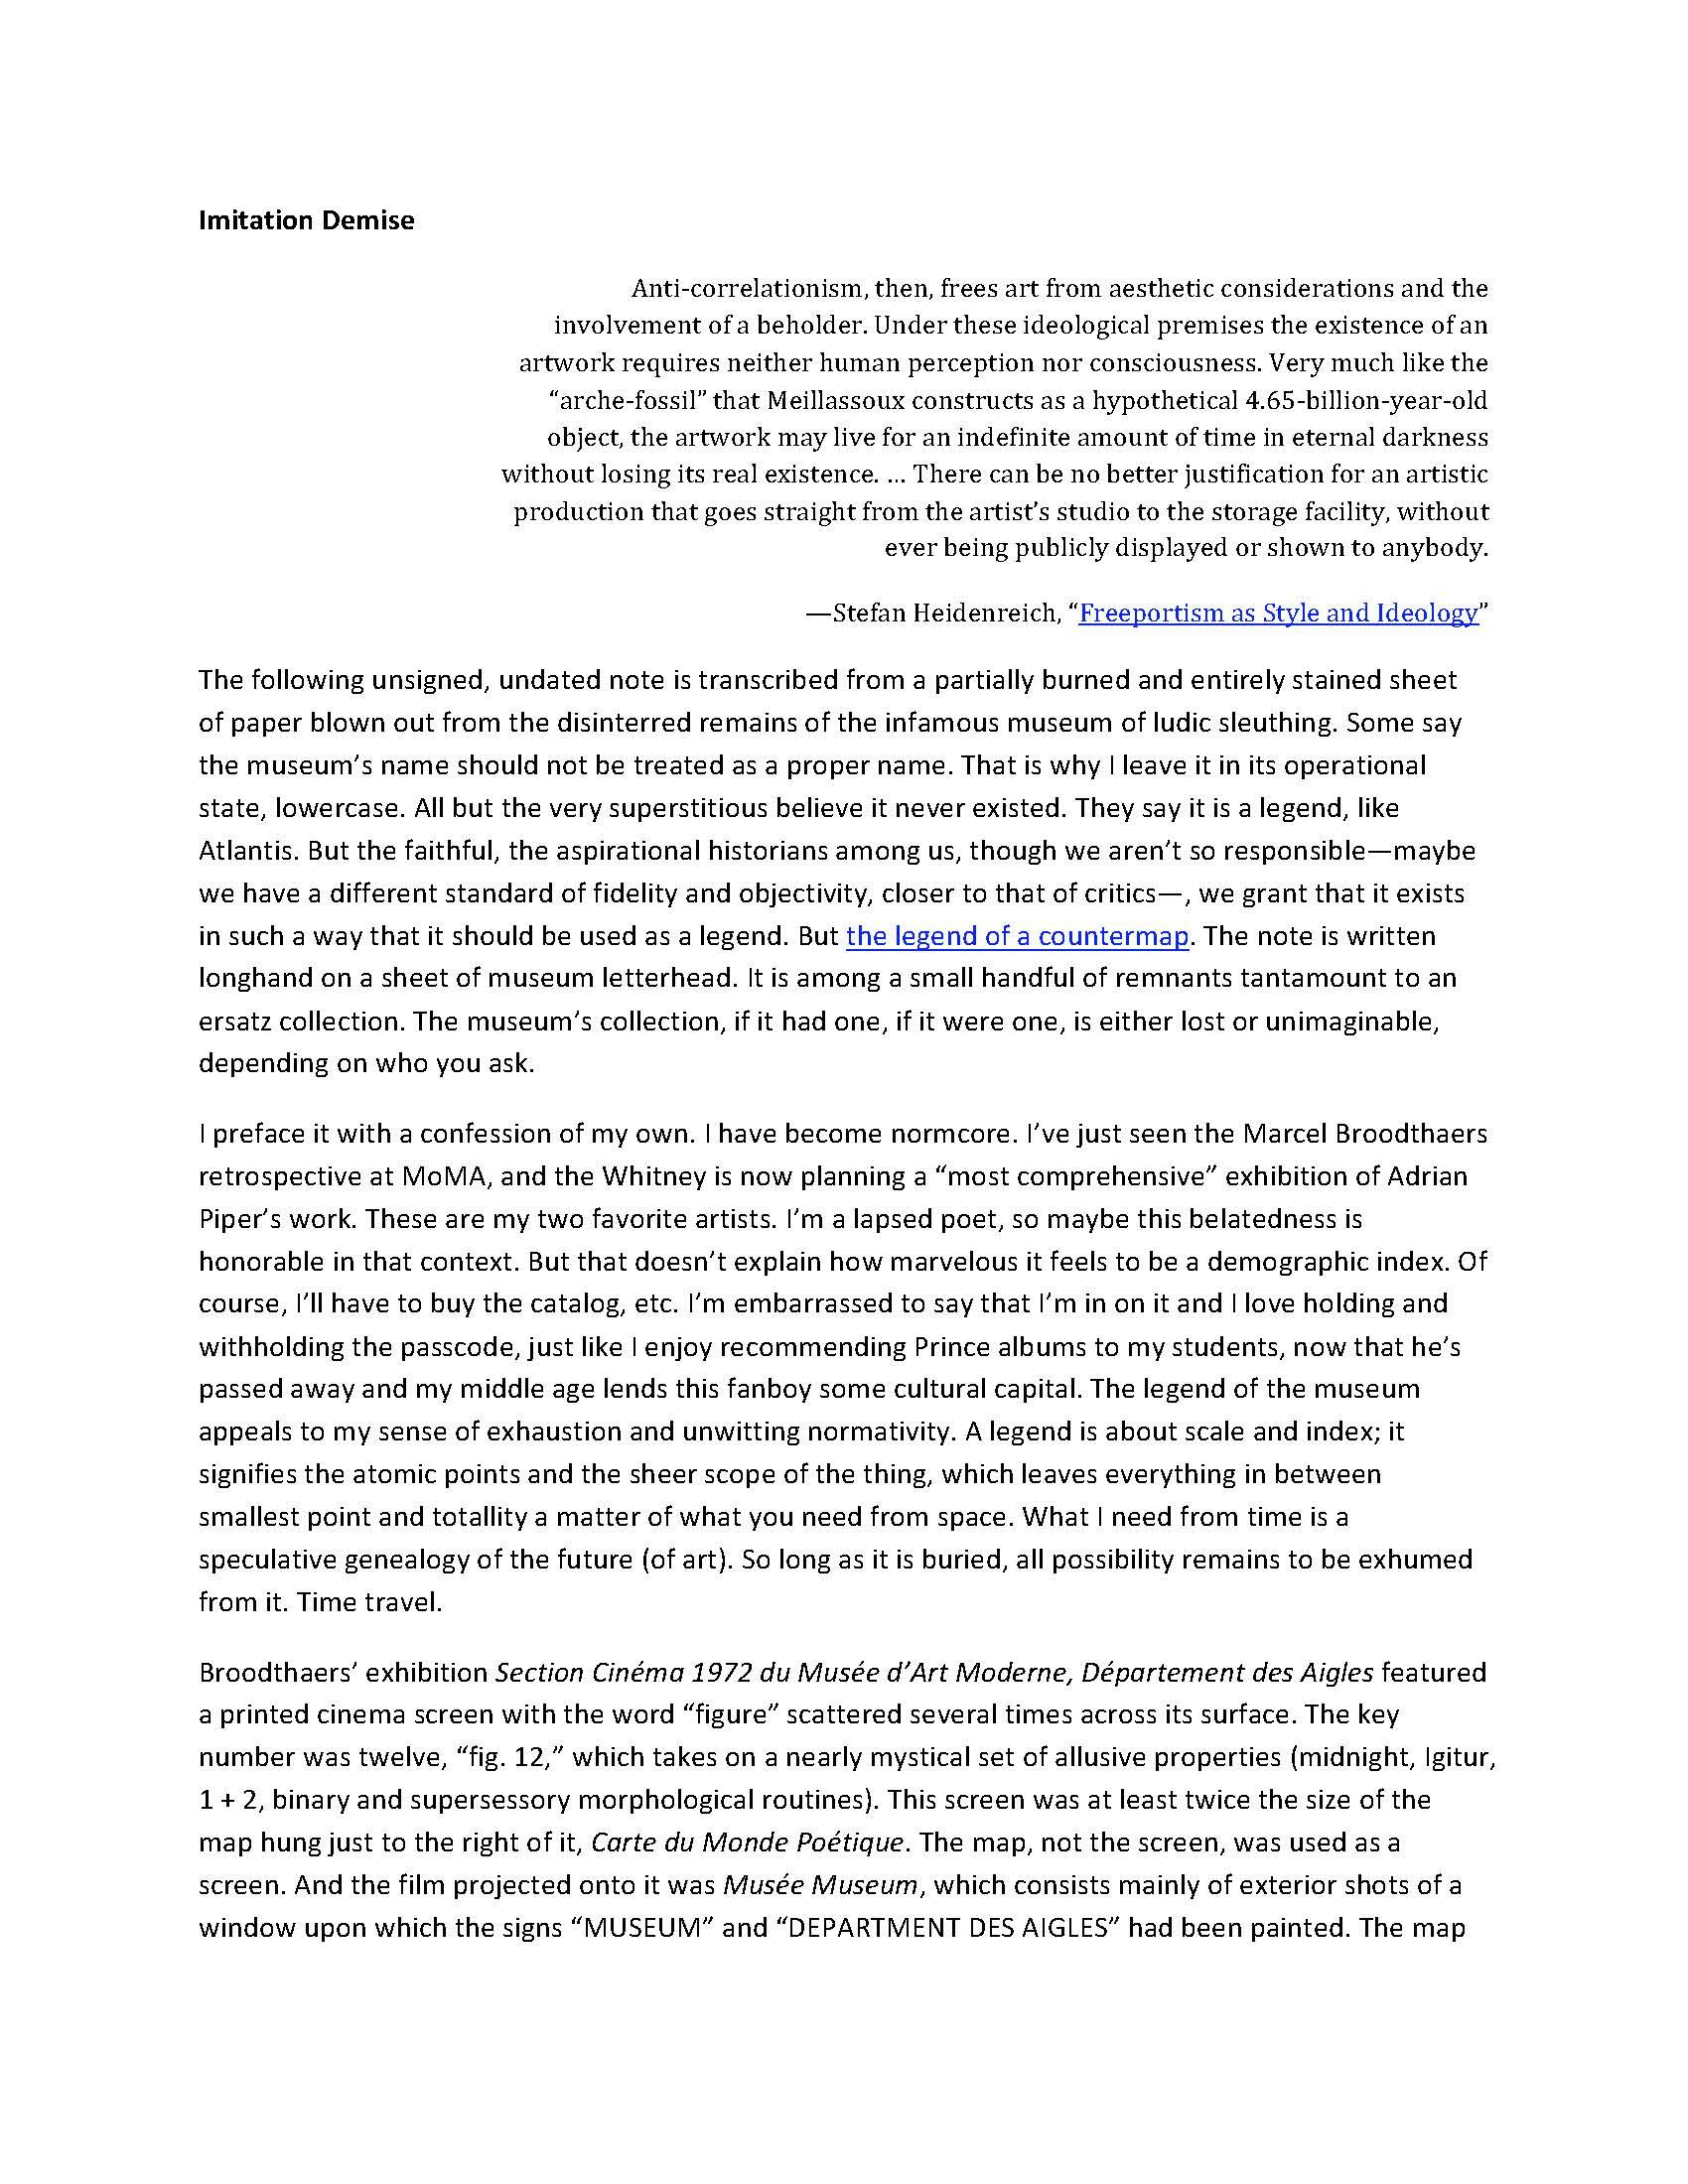 Patrick Durgin - Imitation Demise_Page_1